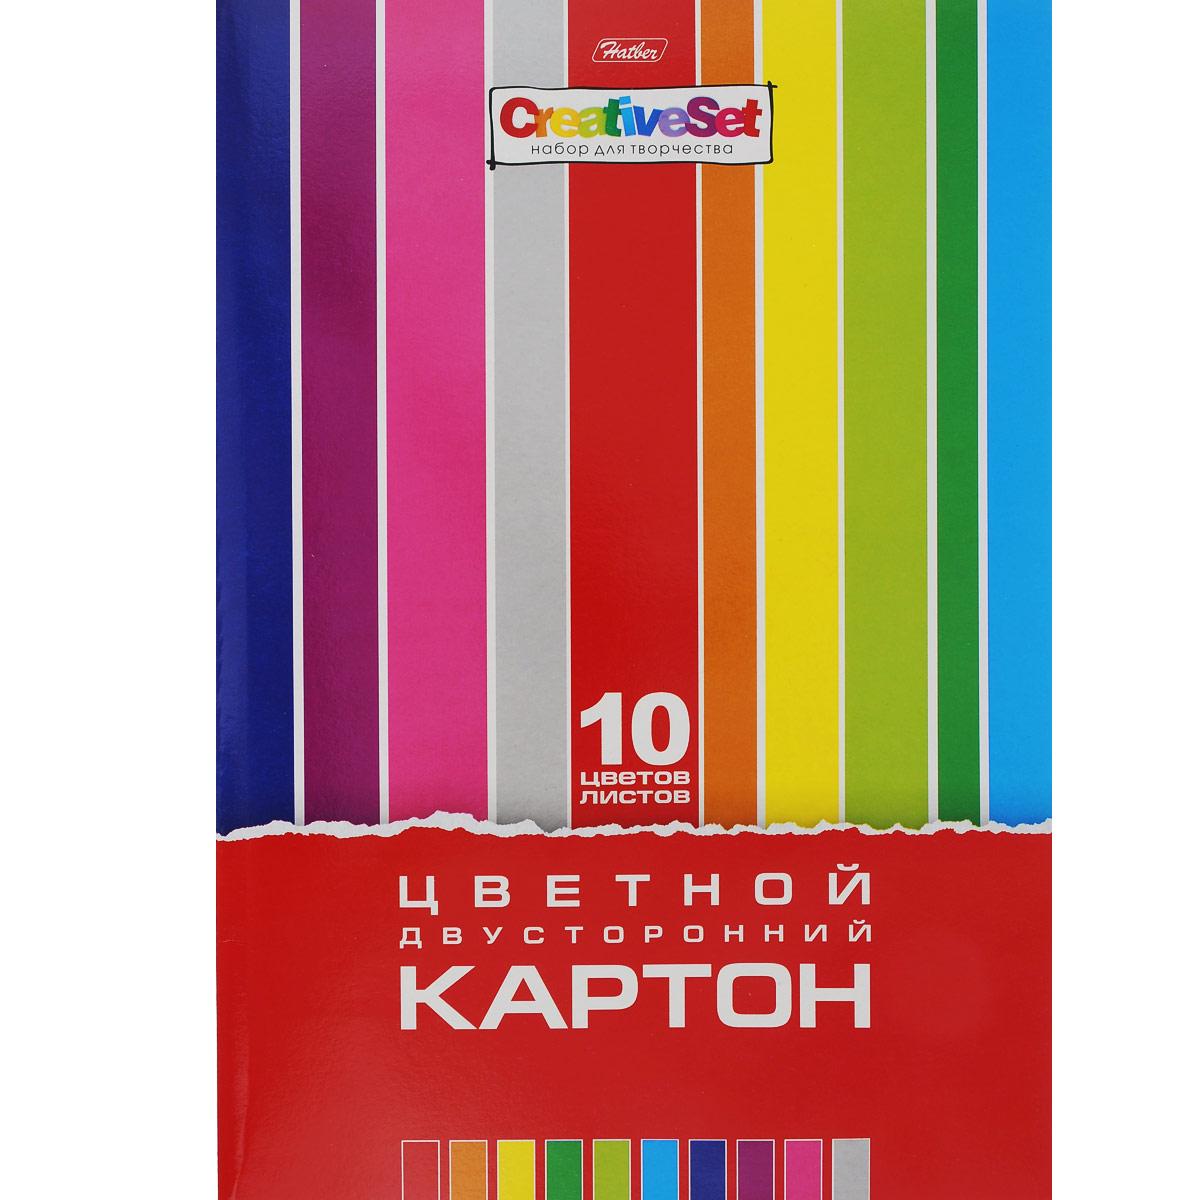 Картон цветной Hatber Creative Set , двухсторонний, 10 цв, формат А410Кц4_05934Картон цветной Hatber Creative Set , двухсторонний, позволит создавать всевозможные аппликации и поделки. Набор включает 10 листов одностороннего цветного картона формата А4. Цвета: коричневый, синий, серебристый, зеленый, красный, оранжевый, голубой, серовато-оливковый, желтый, черный. Создание поделок из цветного картона позволяет ребенку развивать творческие способности, кроме того, это увлекательный досуг.